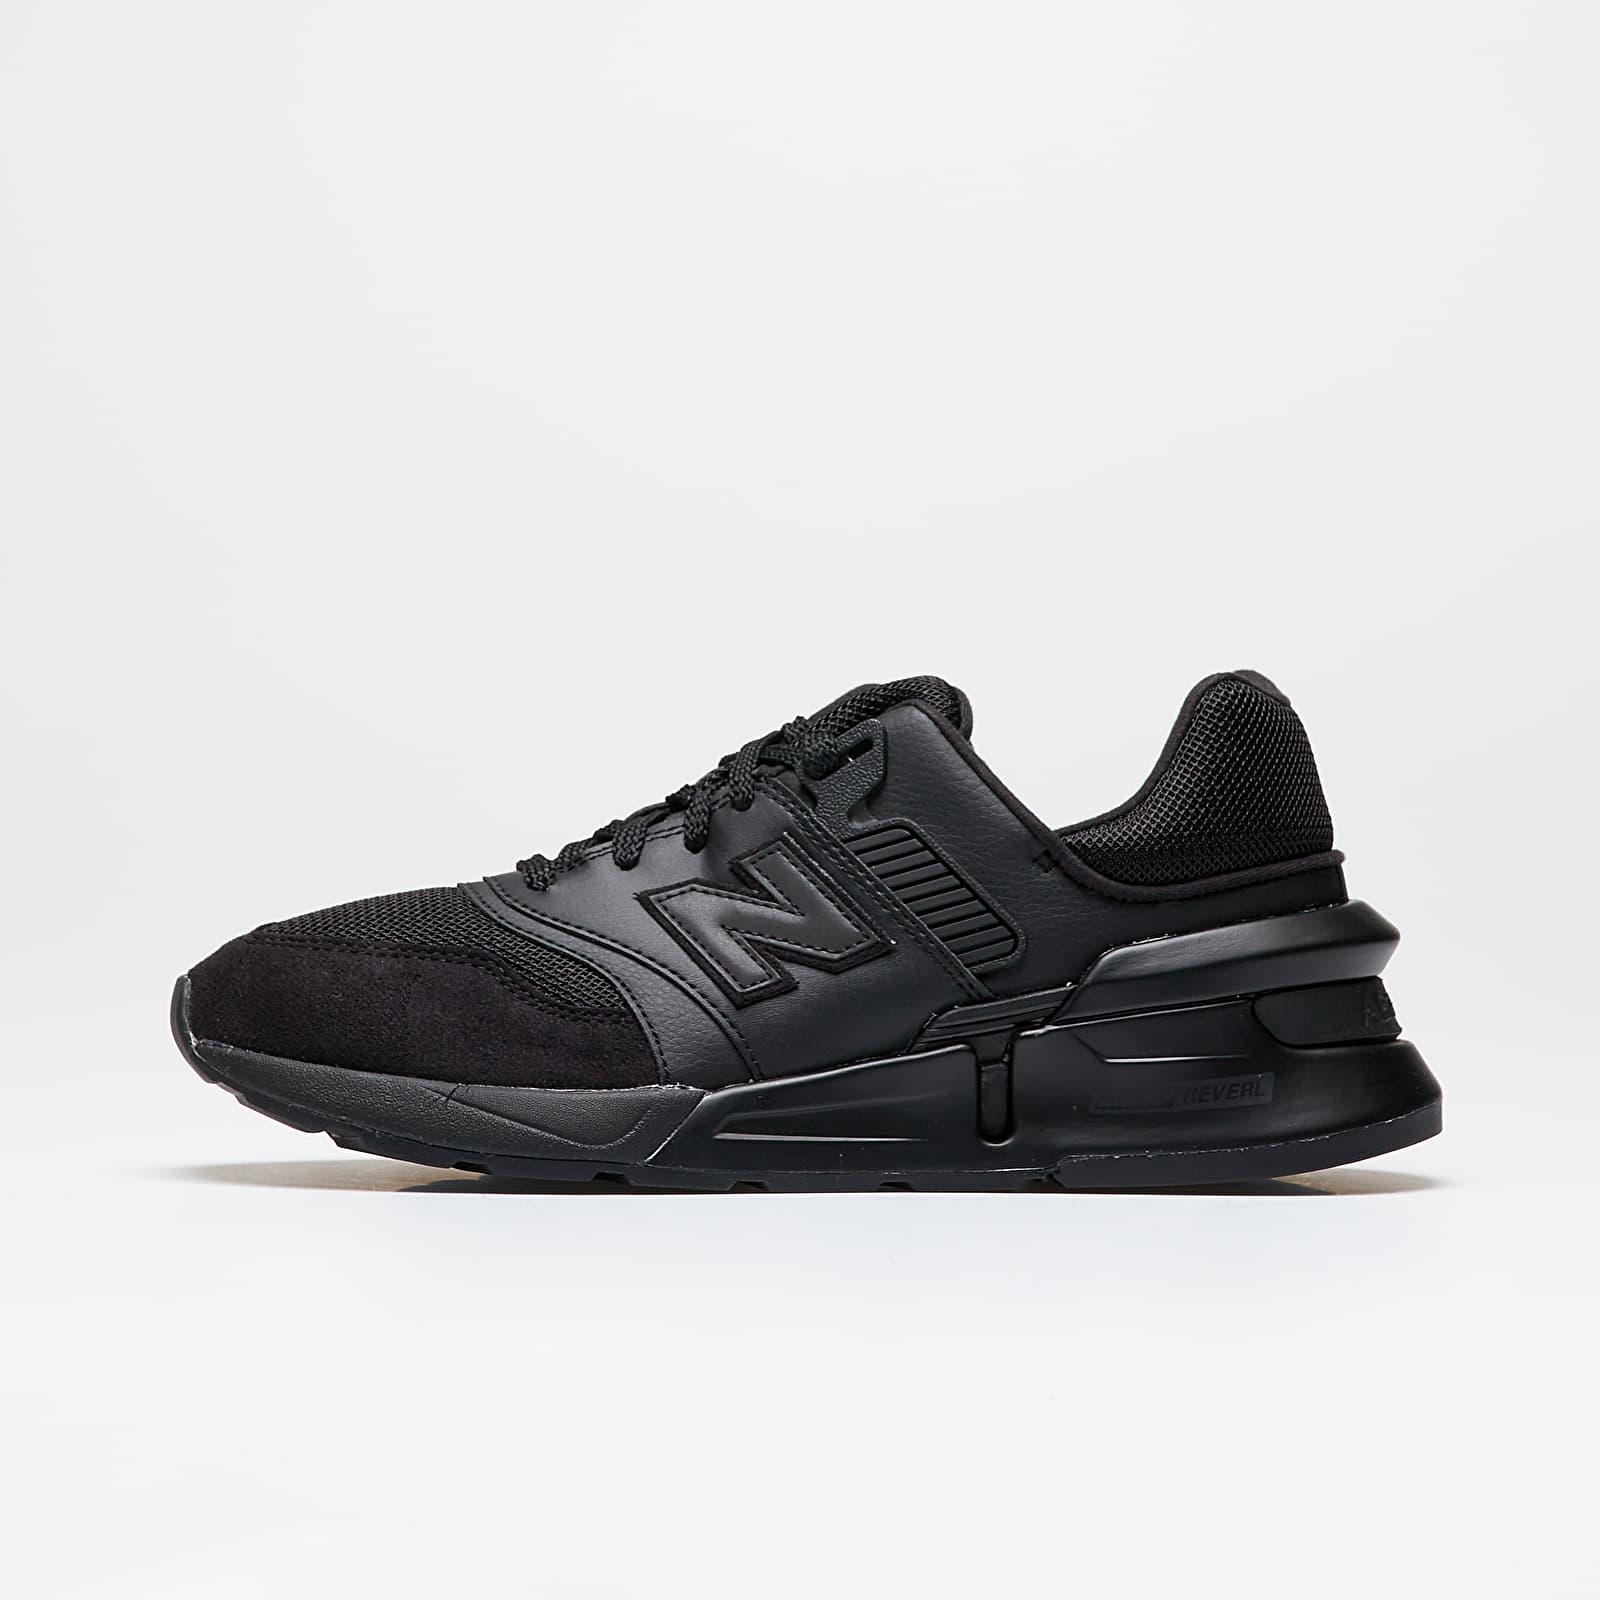 Pánské tenisky a boty New Balance 997 Black